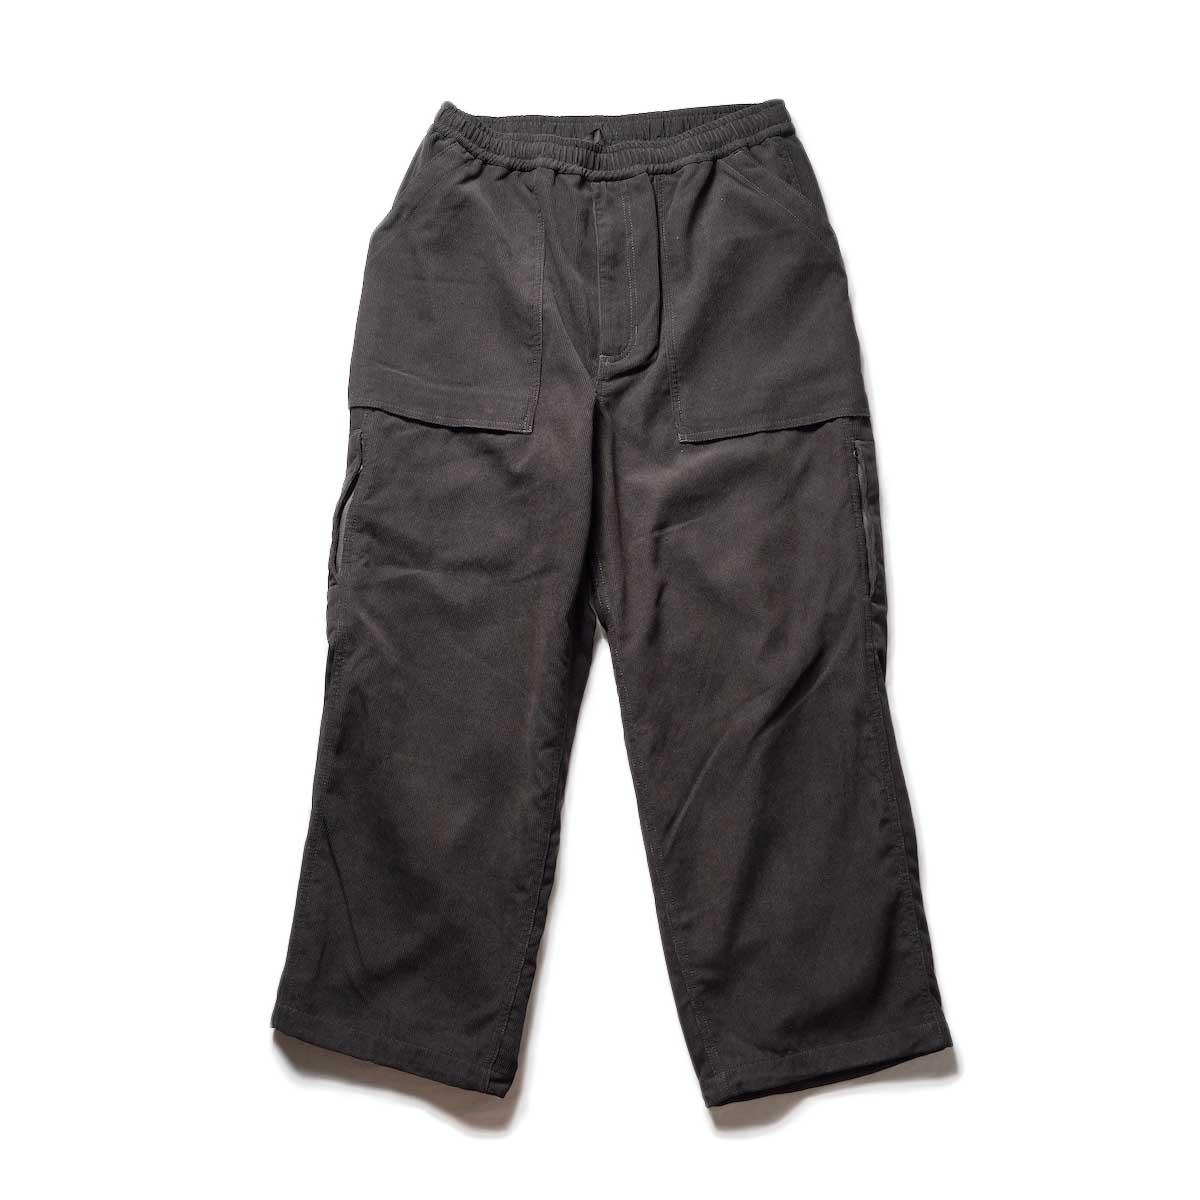 DAIWA PIER39 / TECH SPY FATIGUE PANTS (CORDUROY) (Brown)